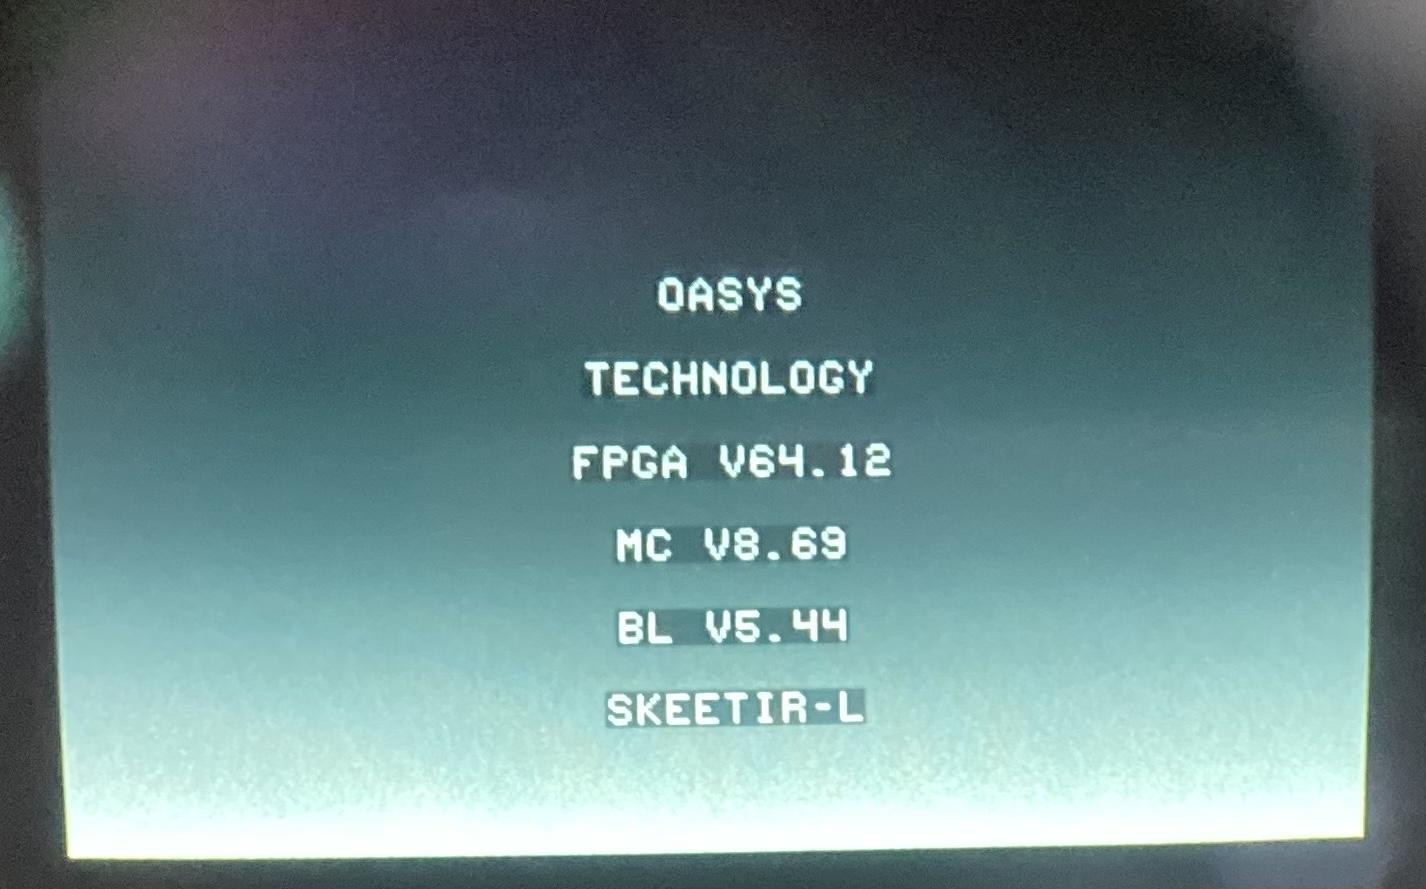 01BC2BA0-4D6D-4C7F-97D7-92FF7A46AE37.jpeg